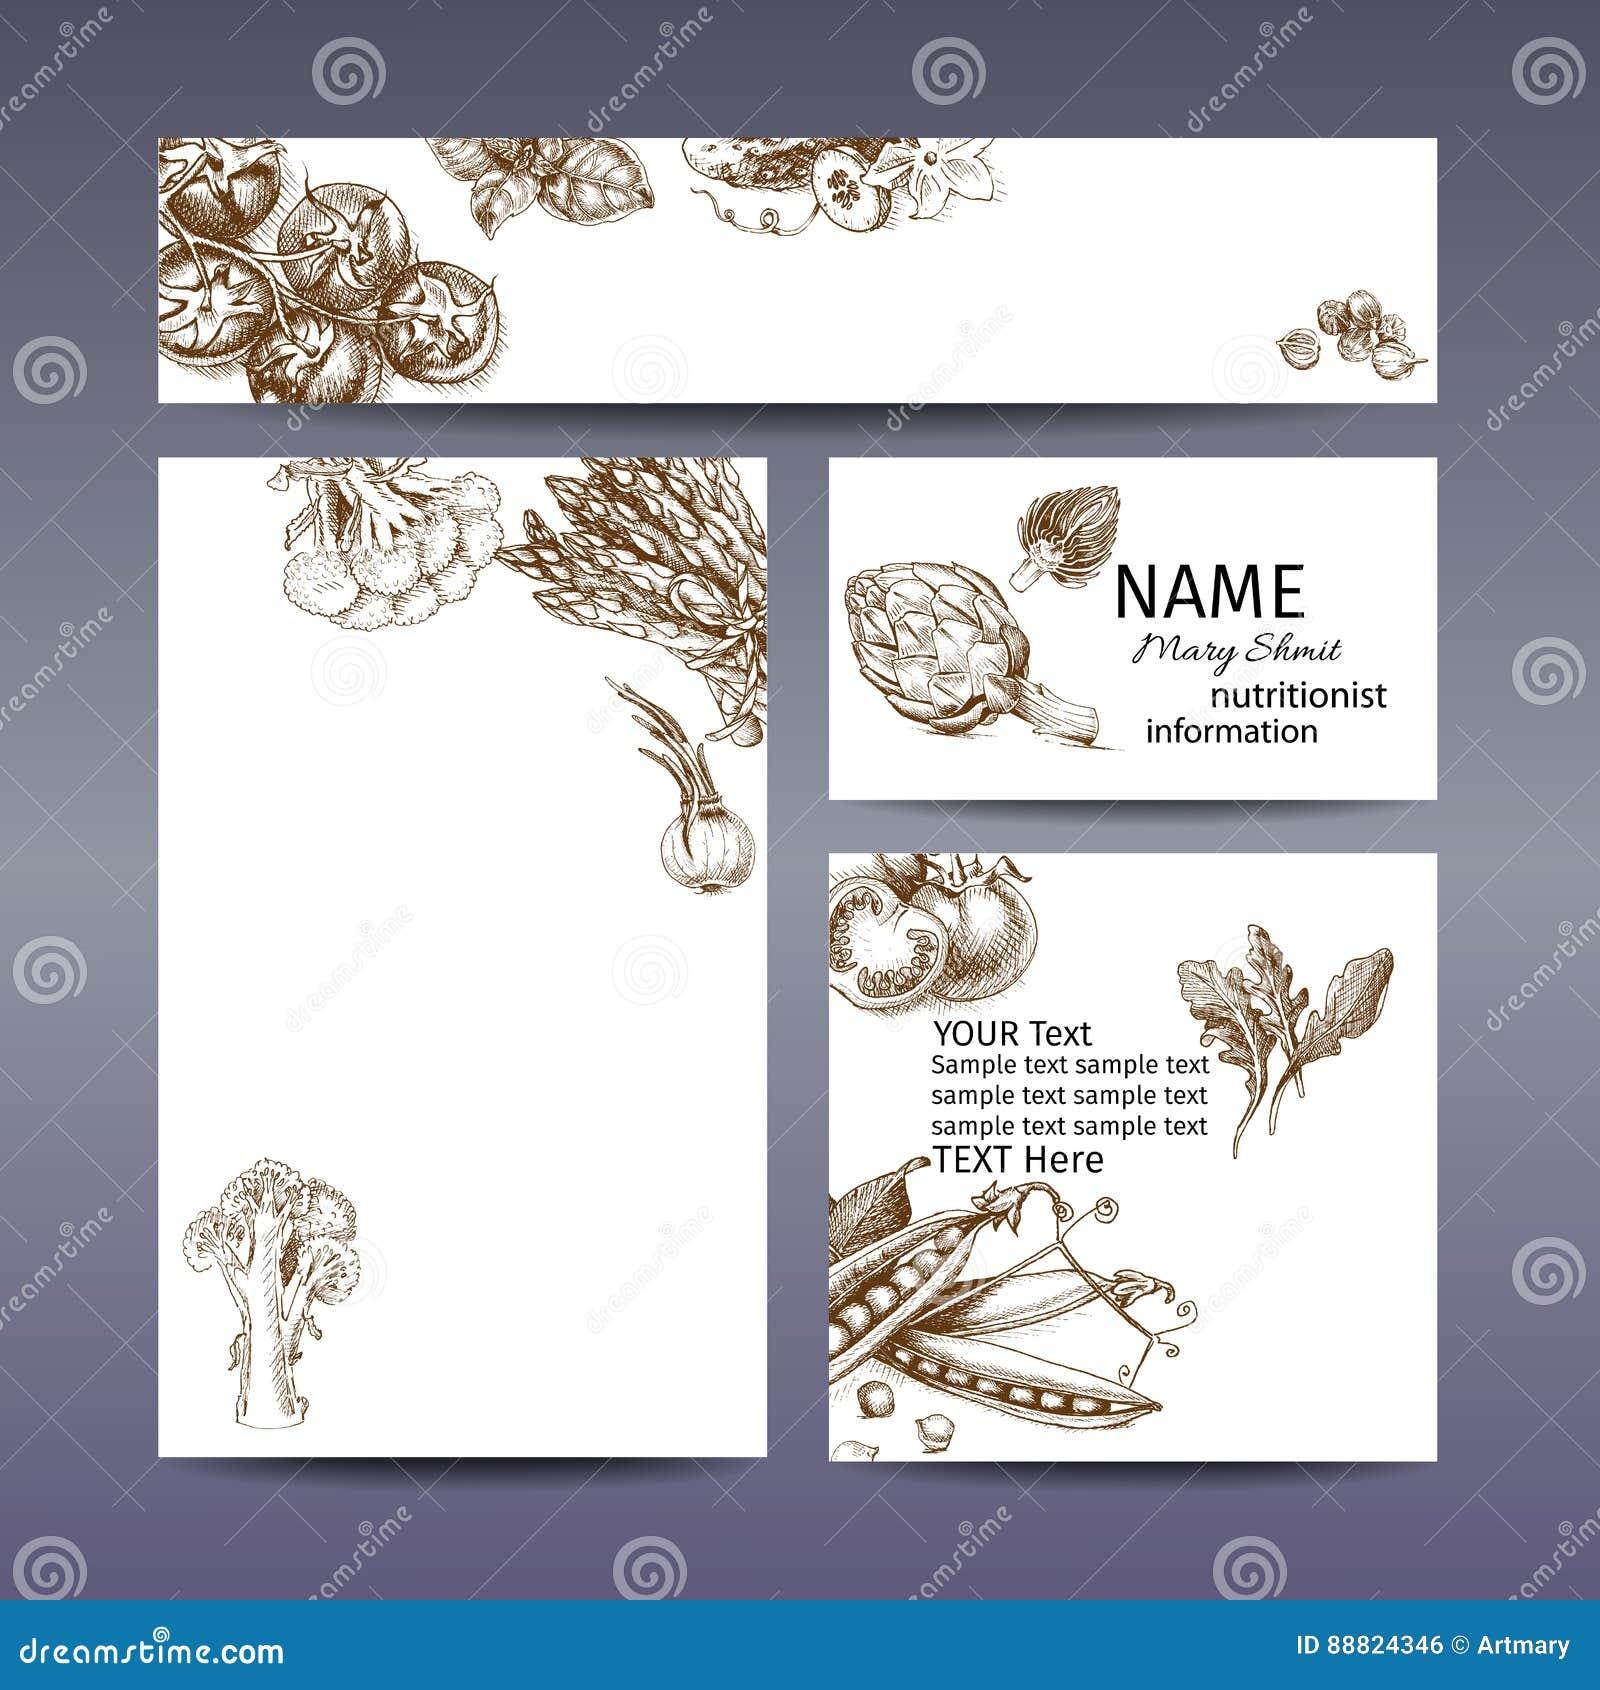 Wektorowy ilustracyjny nakreślenie pomidor, basil, ogórek, kardamon, kapusta, brokuły, kalafior, asparagus, karczoch, cebula, aru